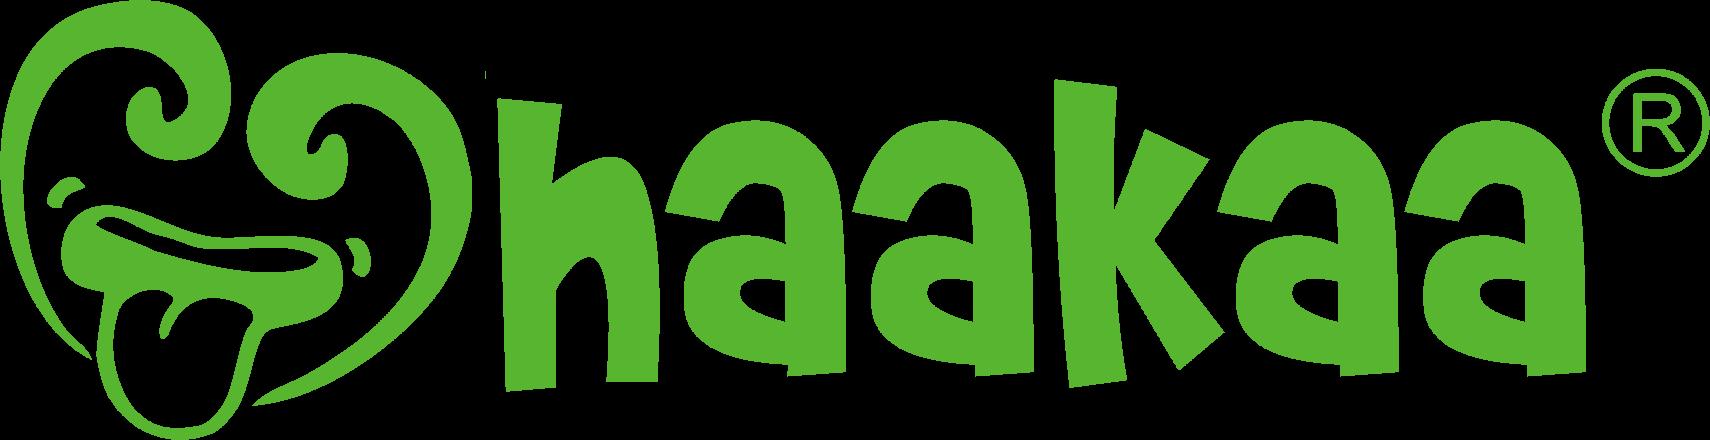 haakaa logo